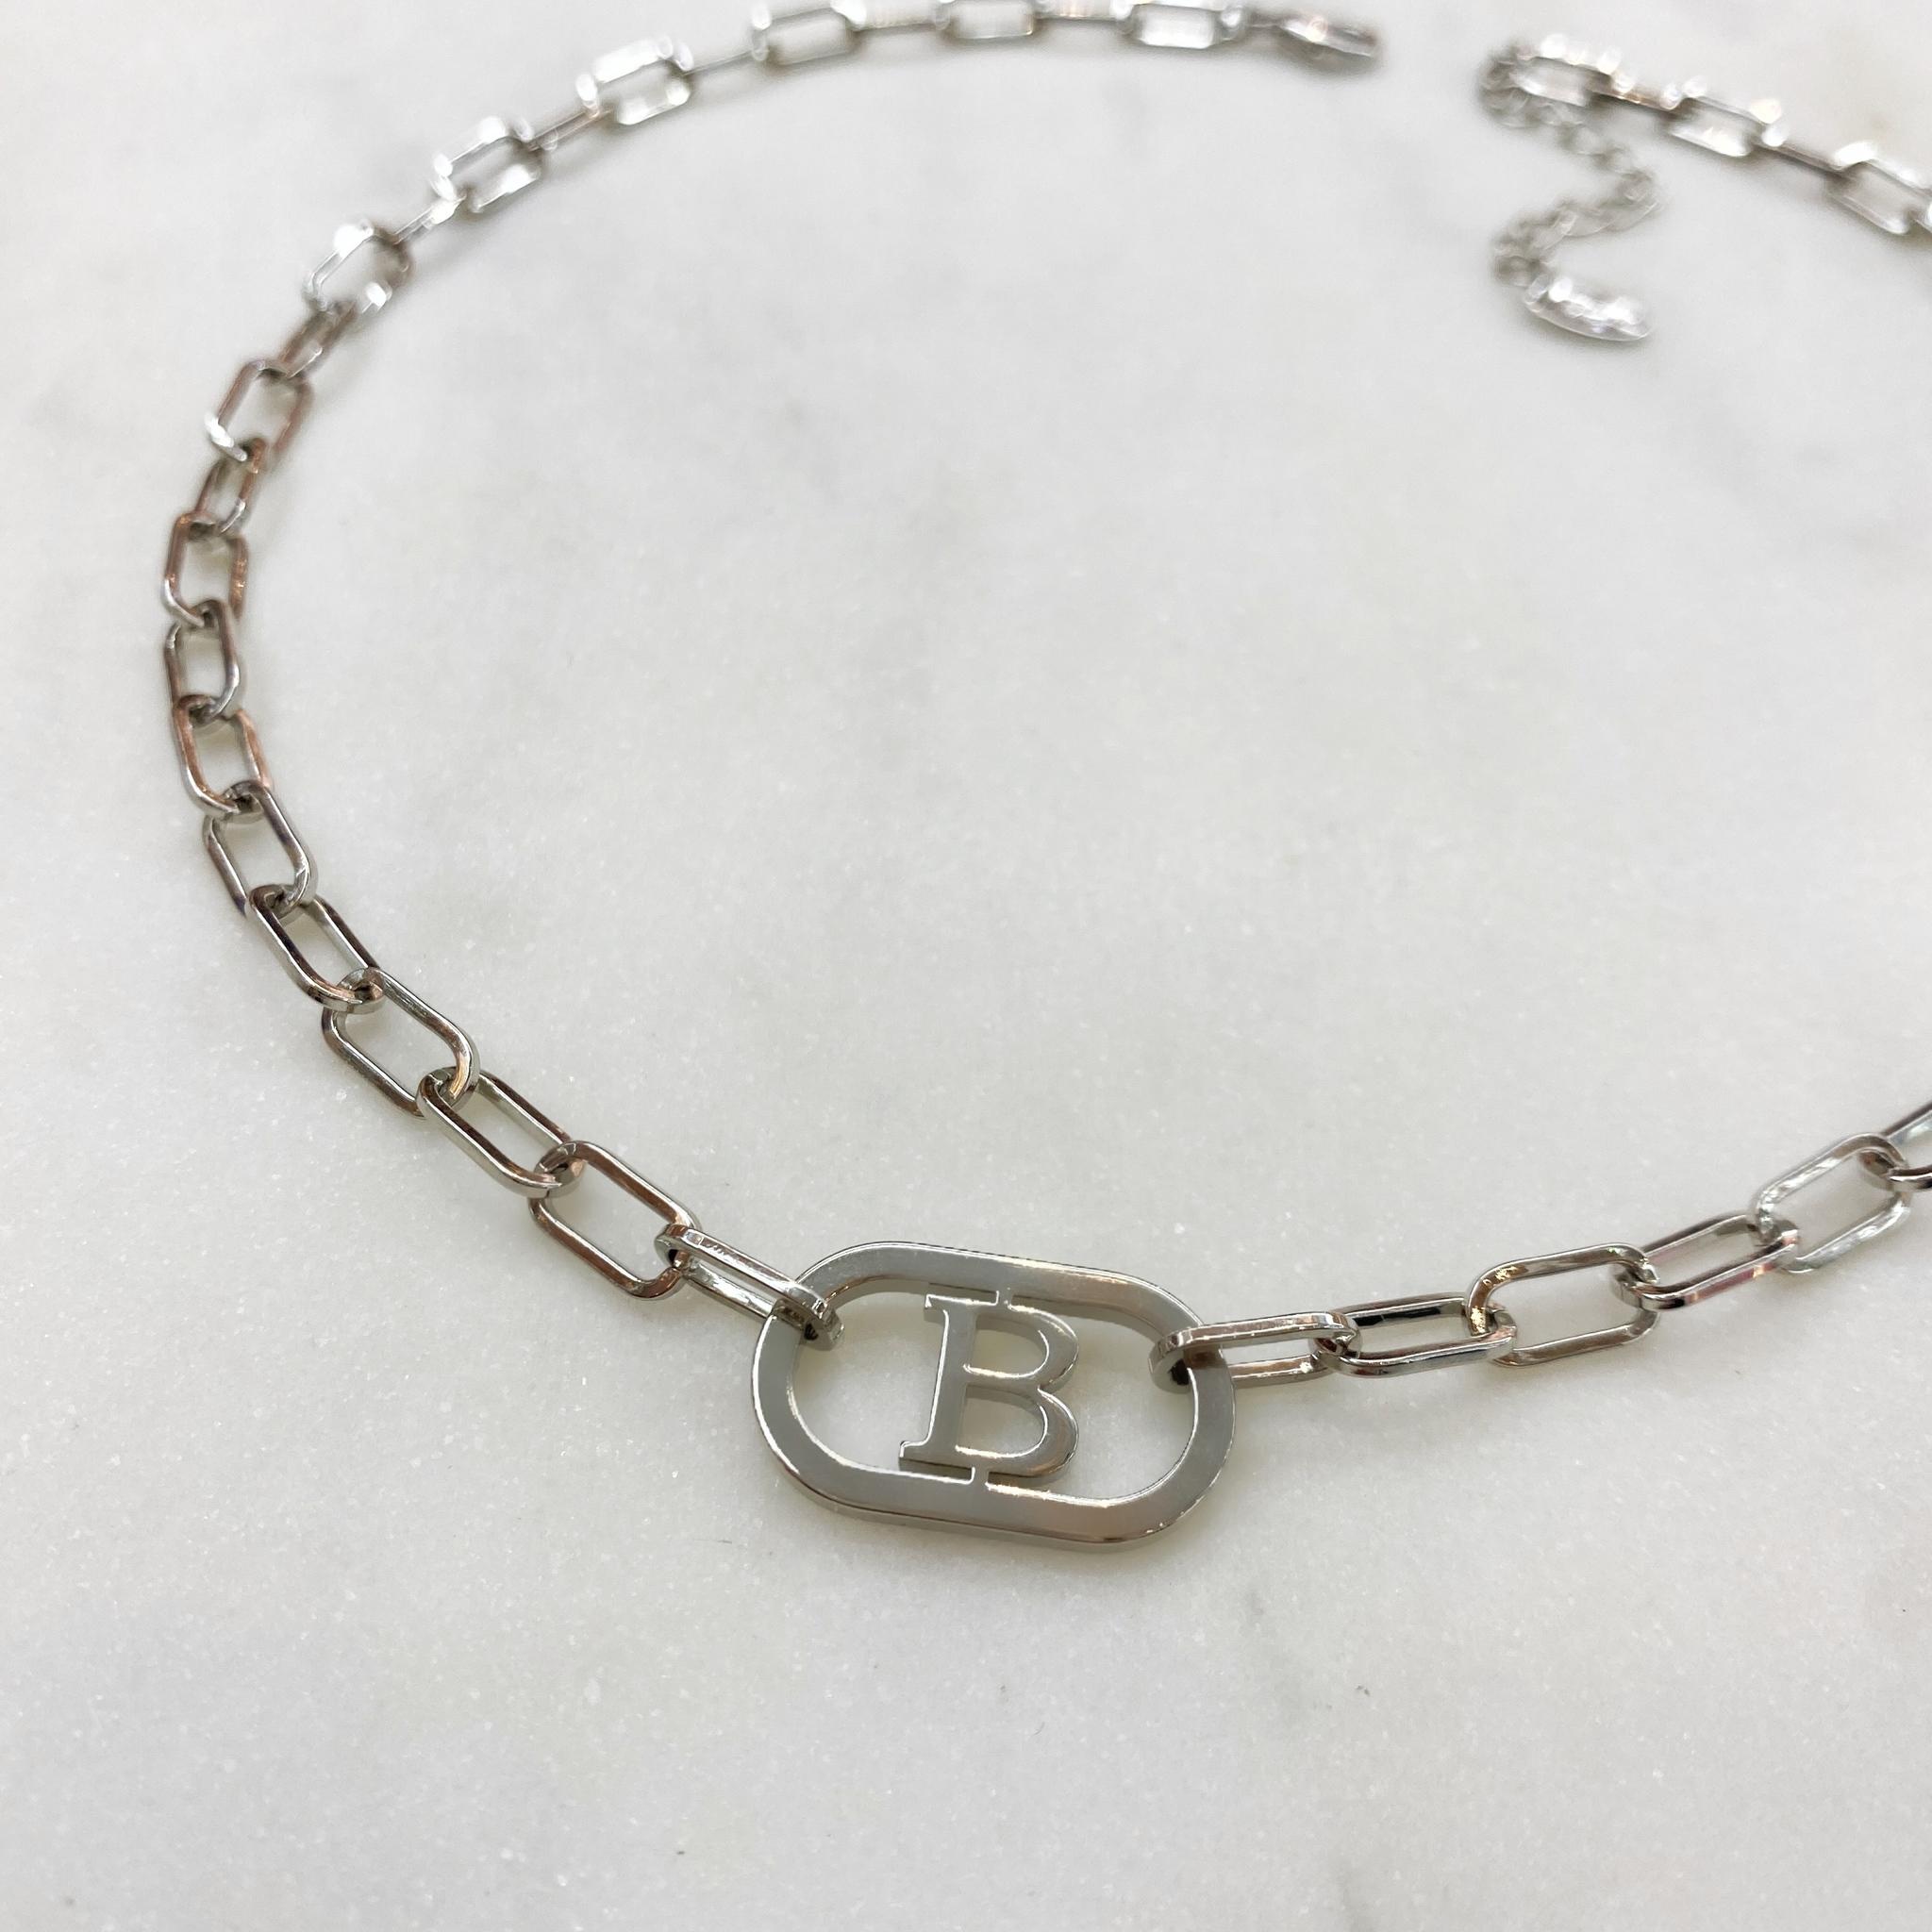 Колье-цепь с буквой B 40 см (серебристый)